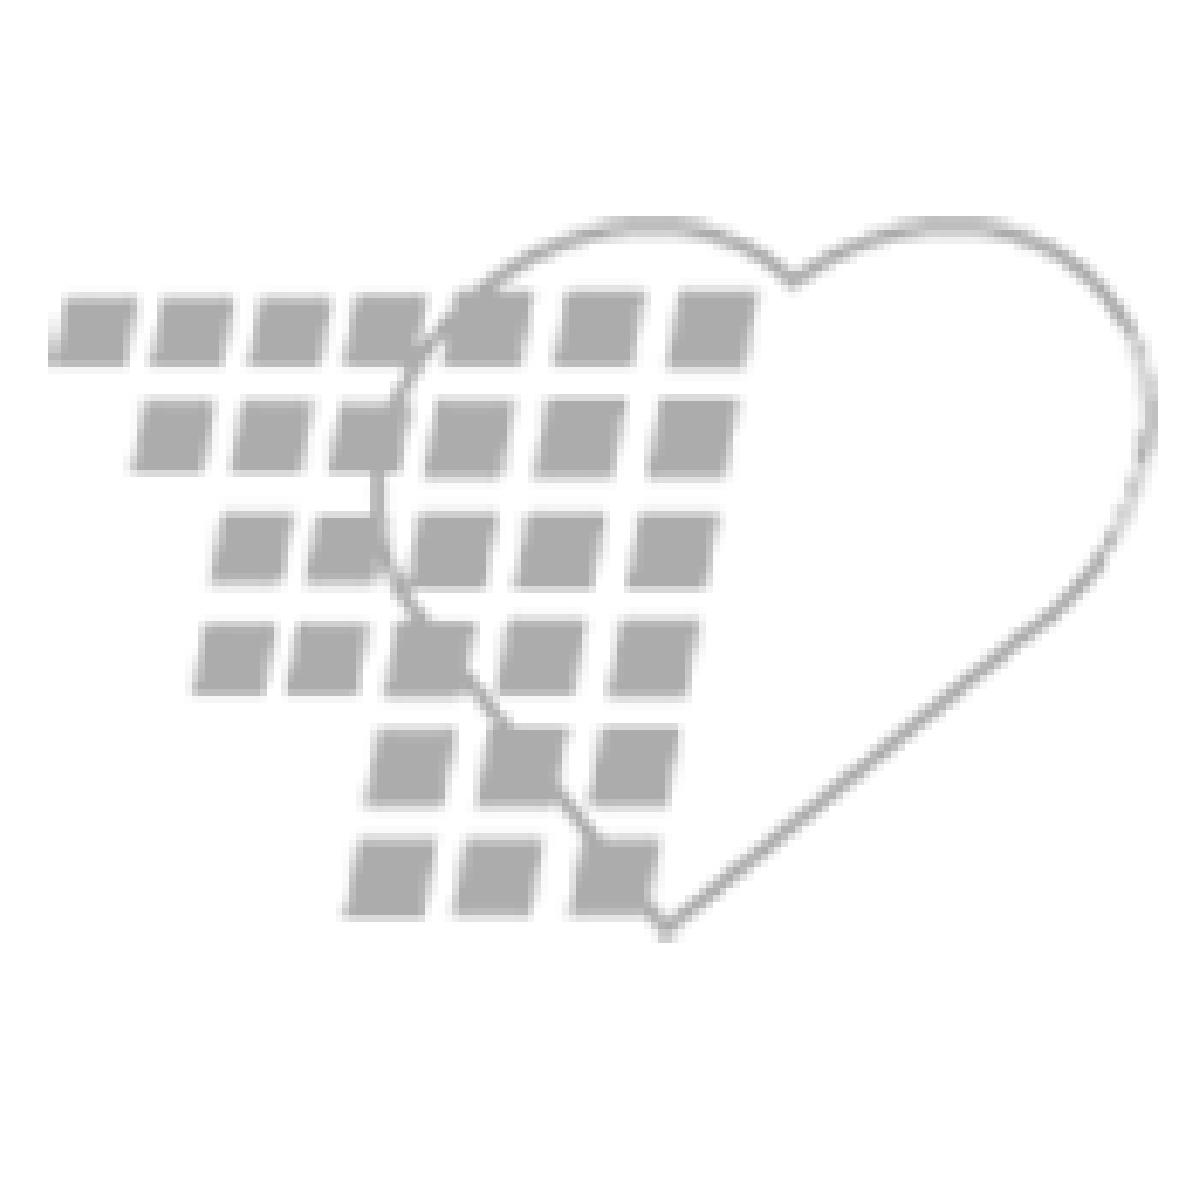 02-38-0225 - Assure® Lance Lockout Safety Lancets - 25G